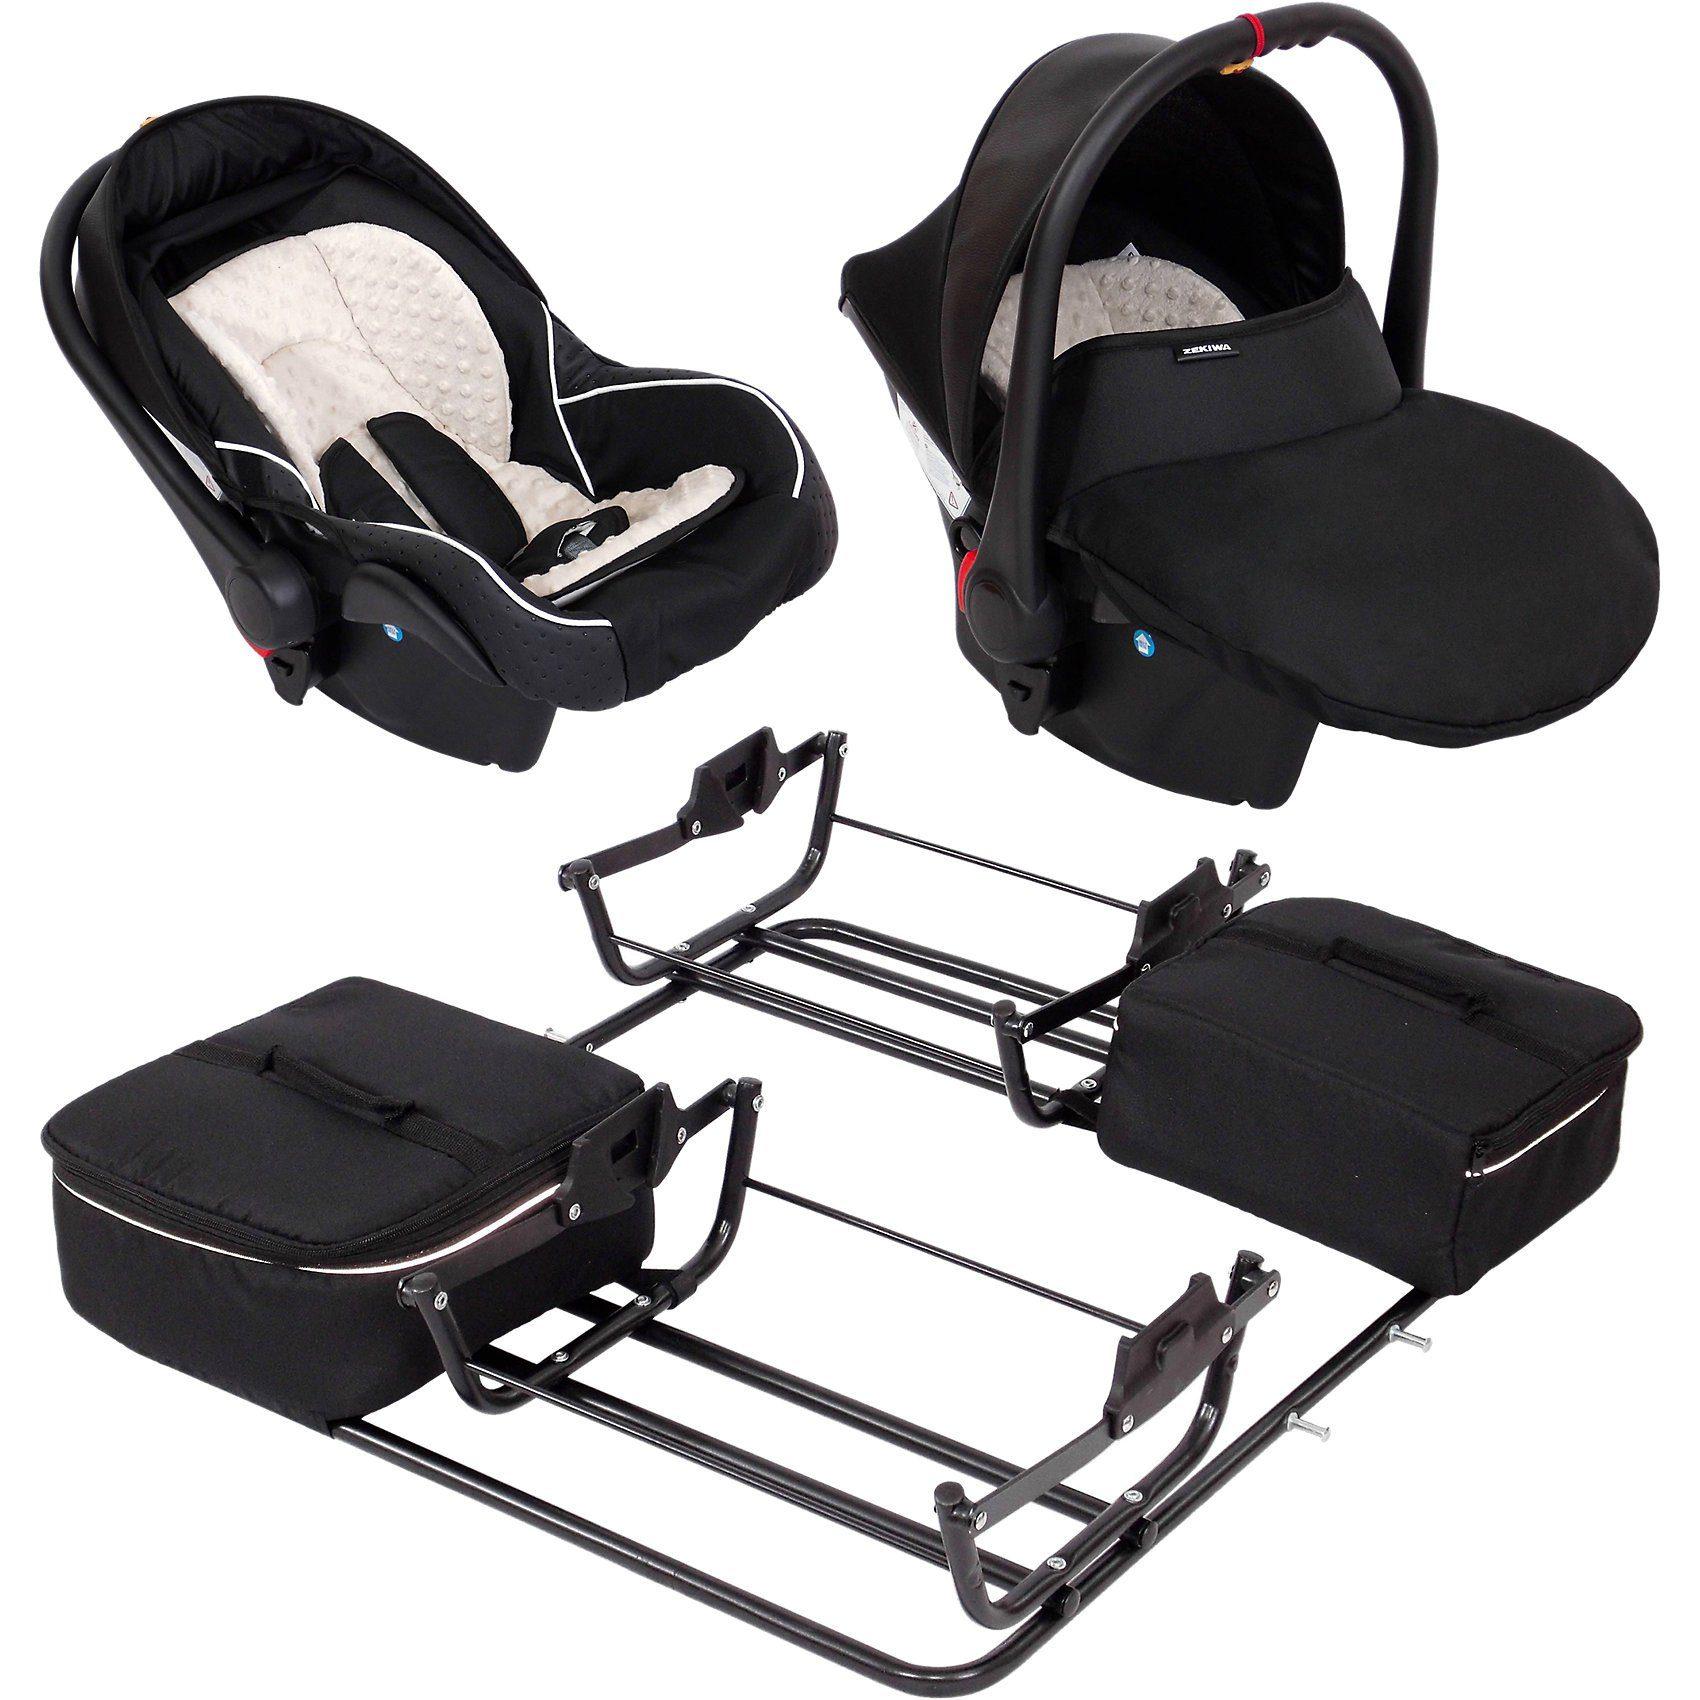 Zekiwa 2 Babyschalen ATS Plus inkl. Adapter für Zwillingswagen Spor